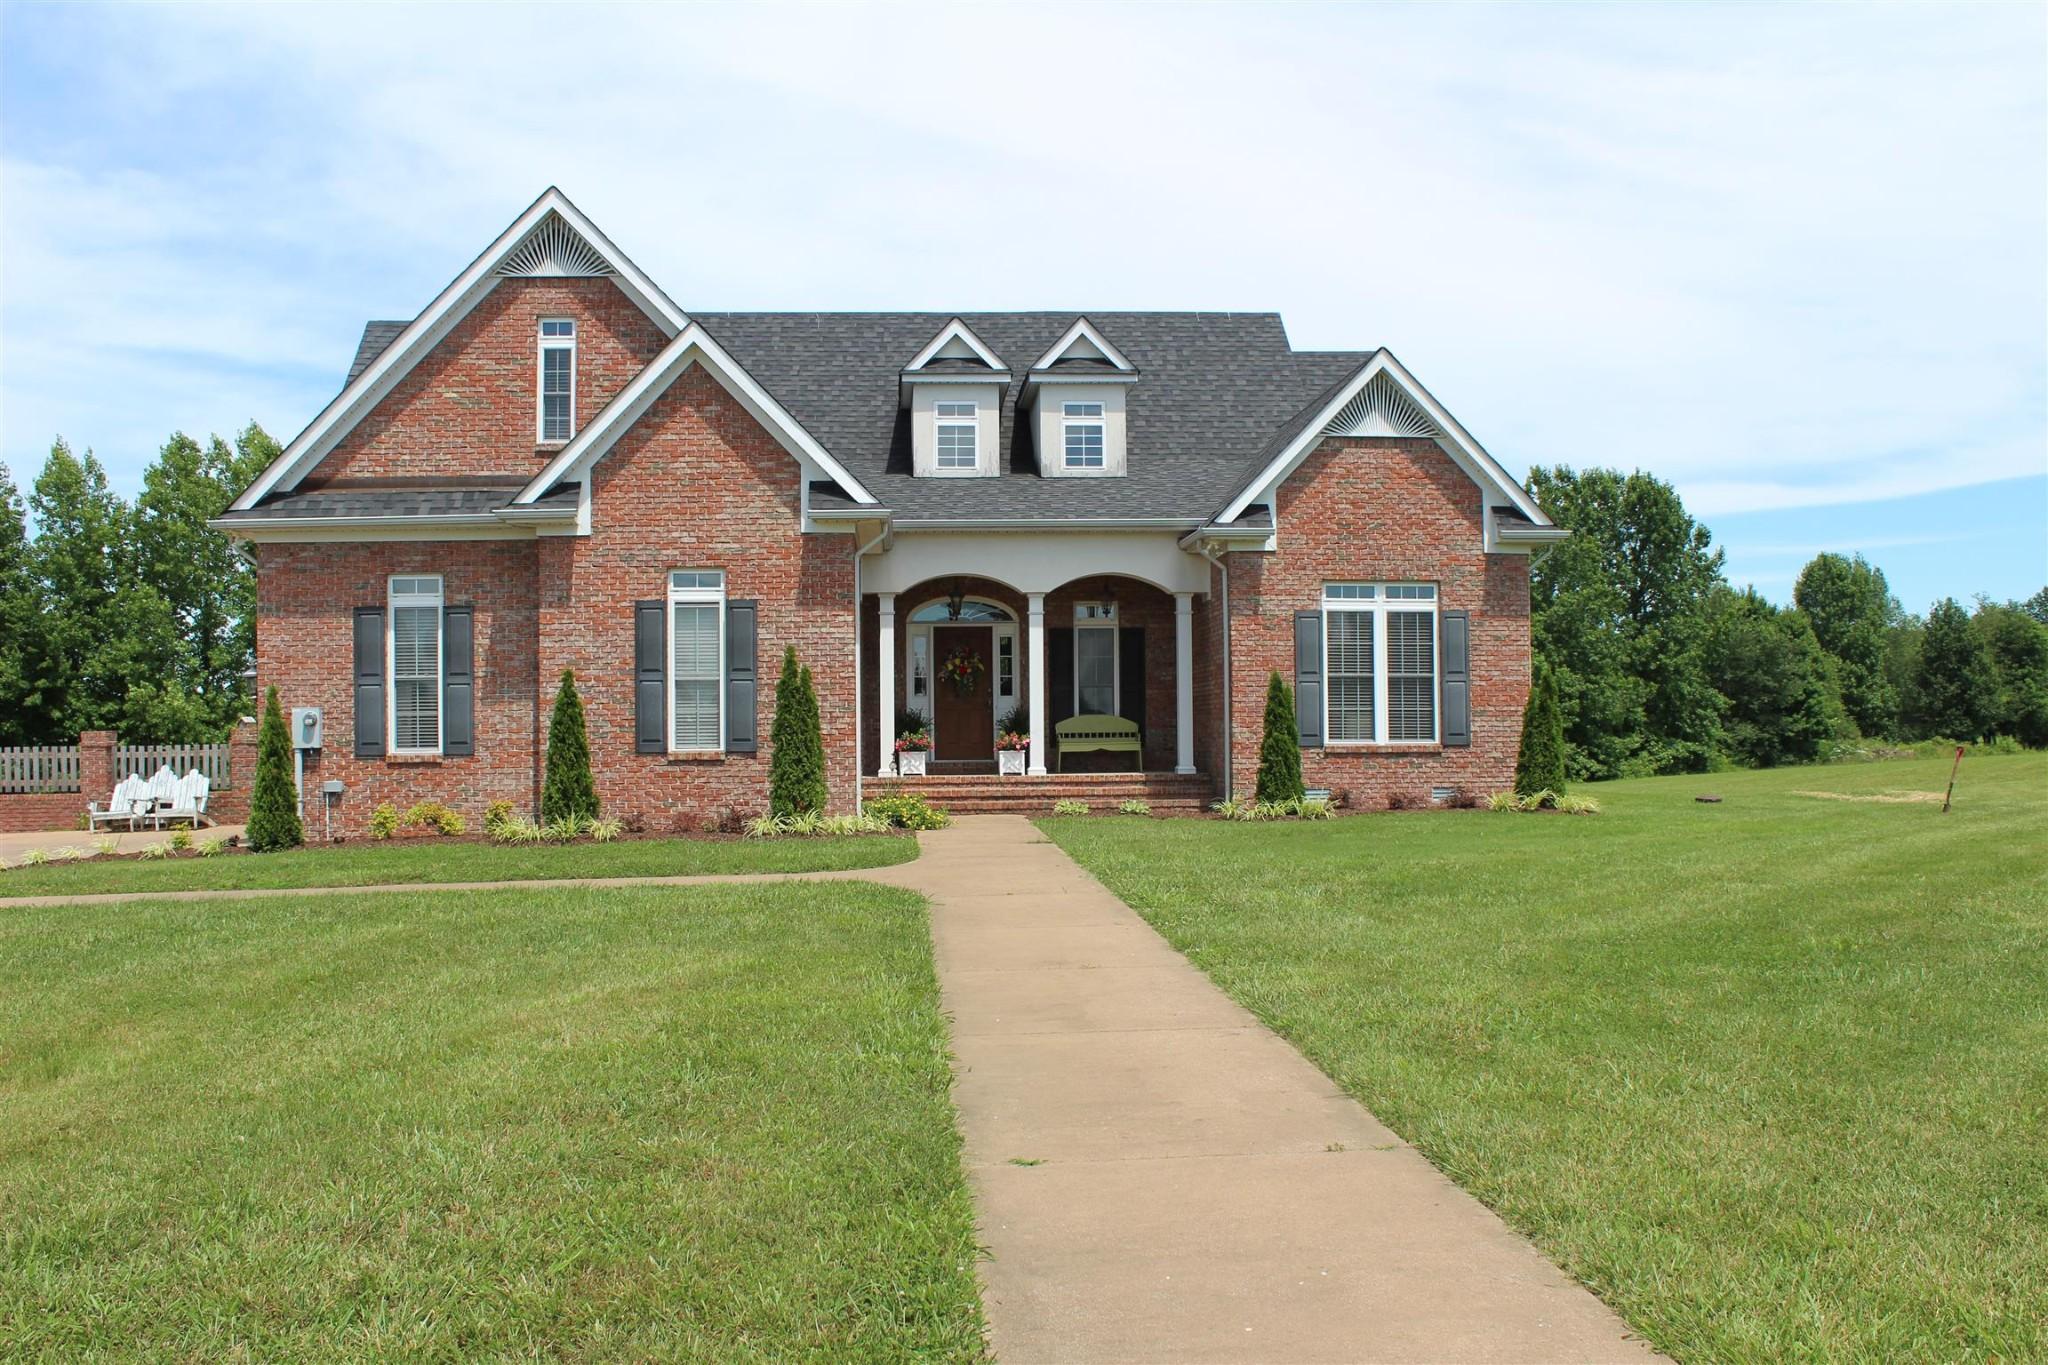 65 Elizabeth Ct, Ethridge, TN 38456 - Ethridge, TN real estate listing